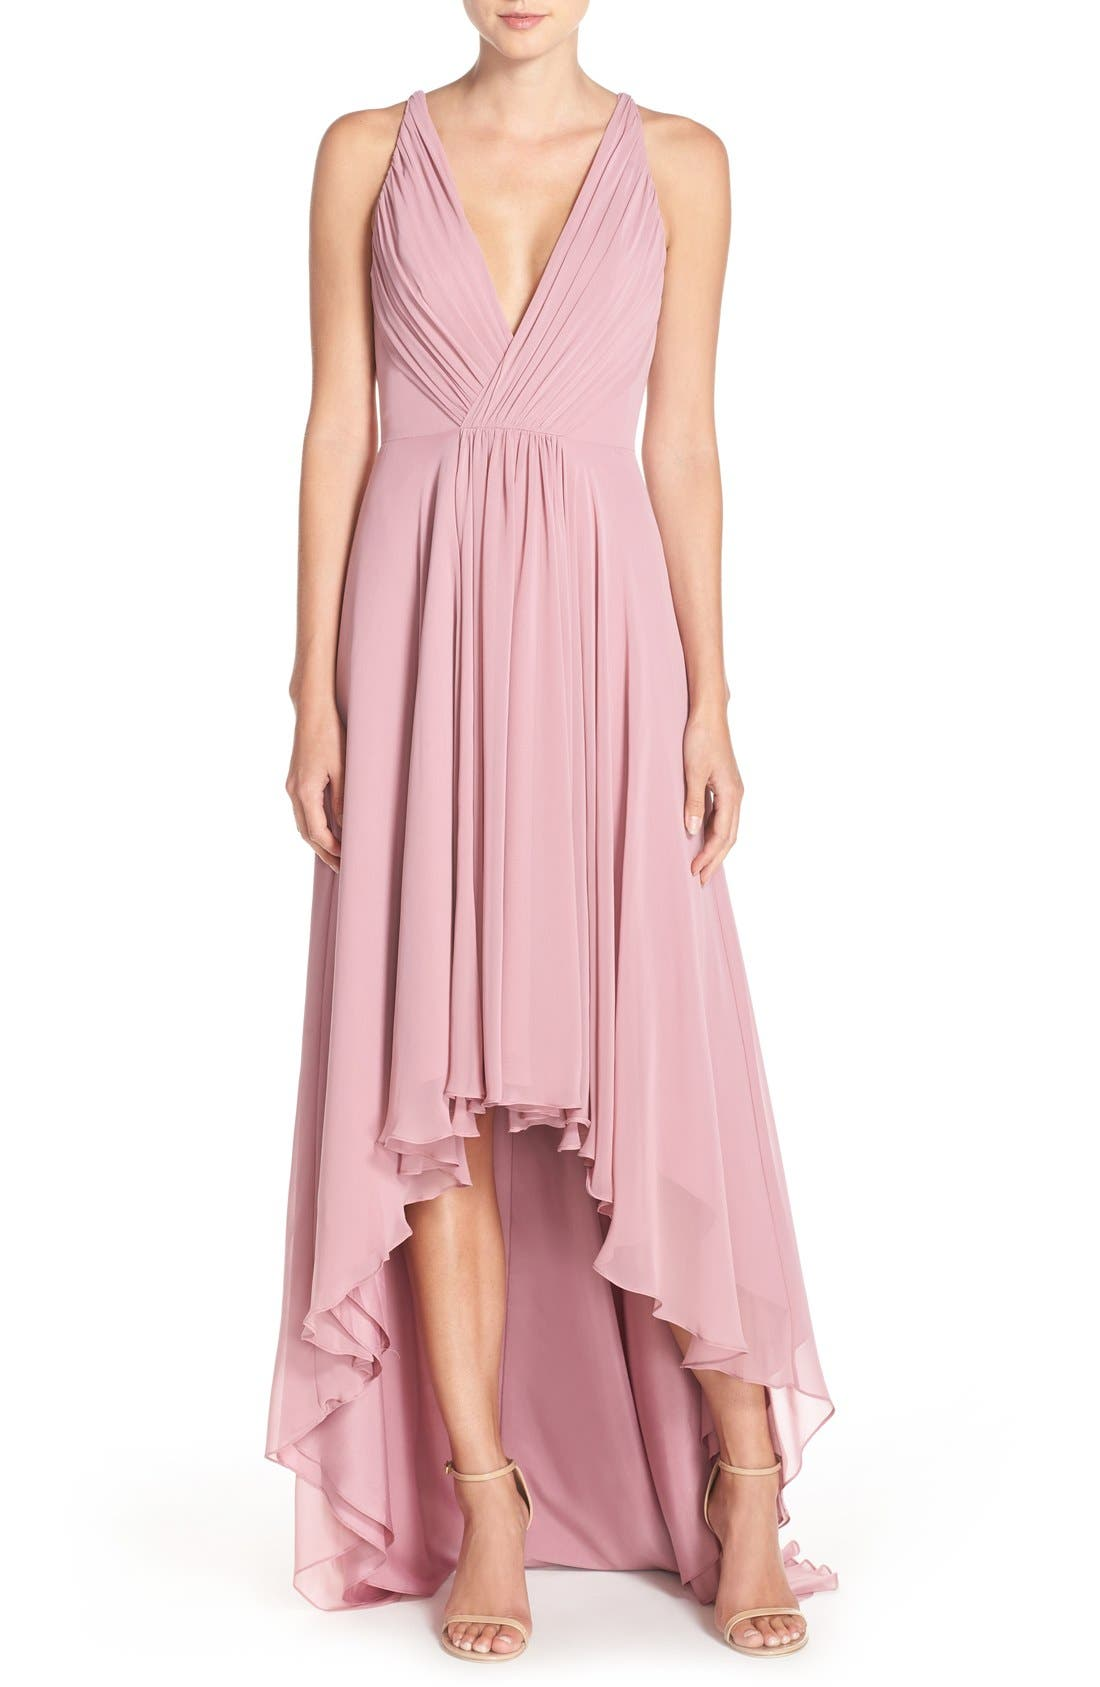 Monique Lhuillier Bridesmaids Deep V-Neck Chiffon High/Low Gown